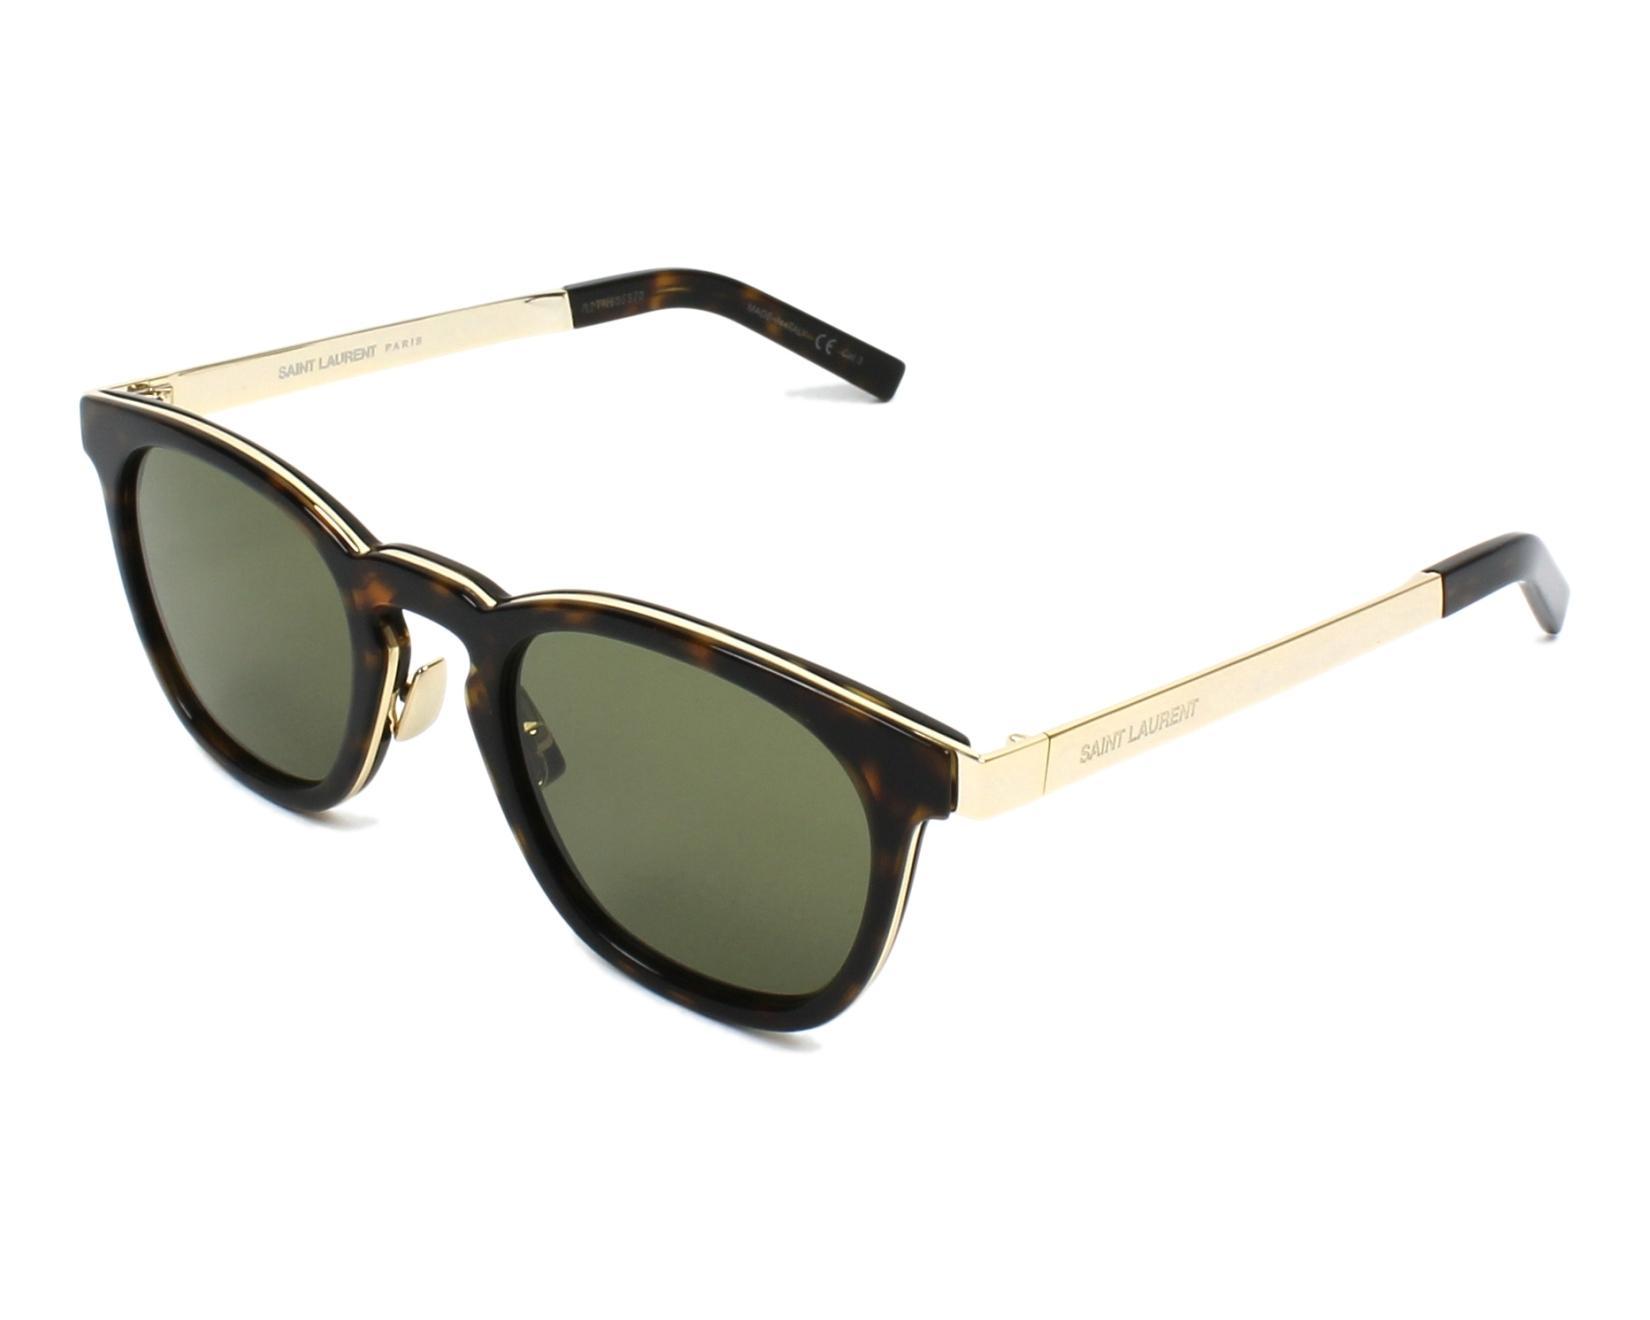 Saint Laurent SL28 Sonnenbrille Havana 003 49mm ACwQ4nWs3